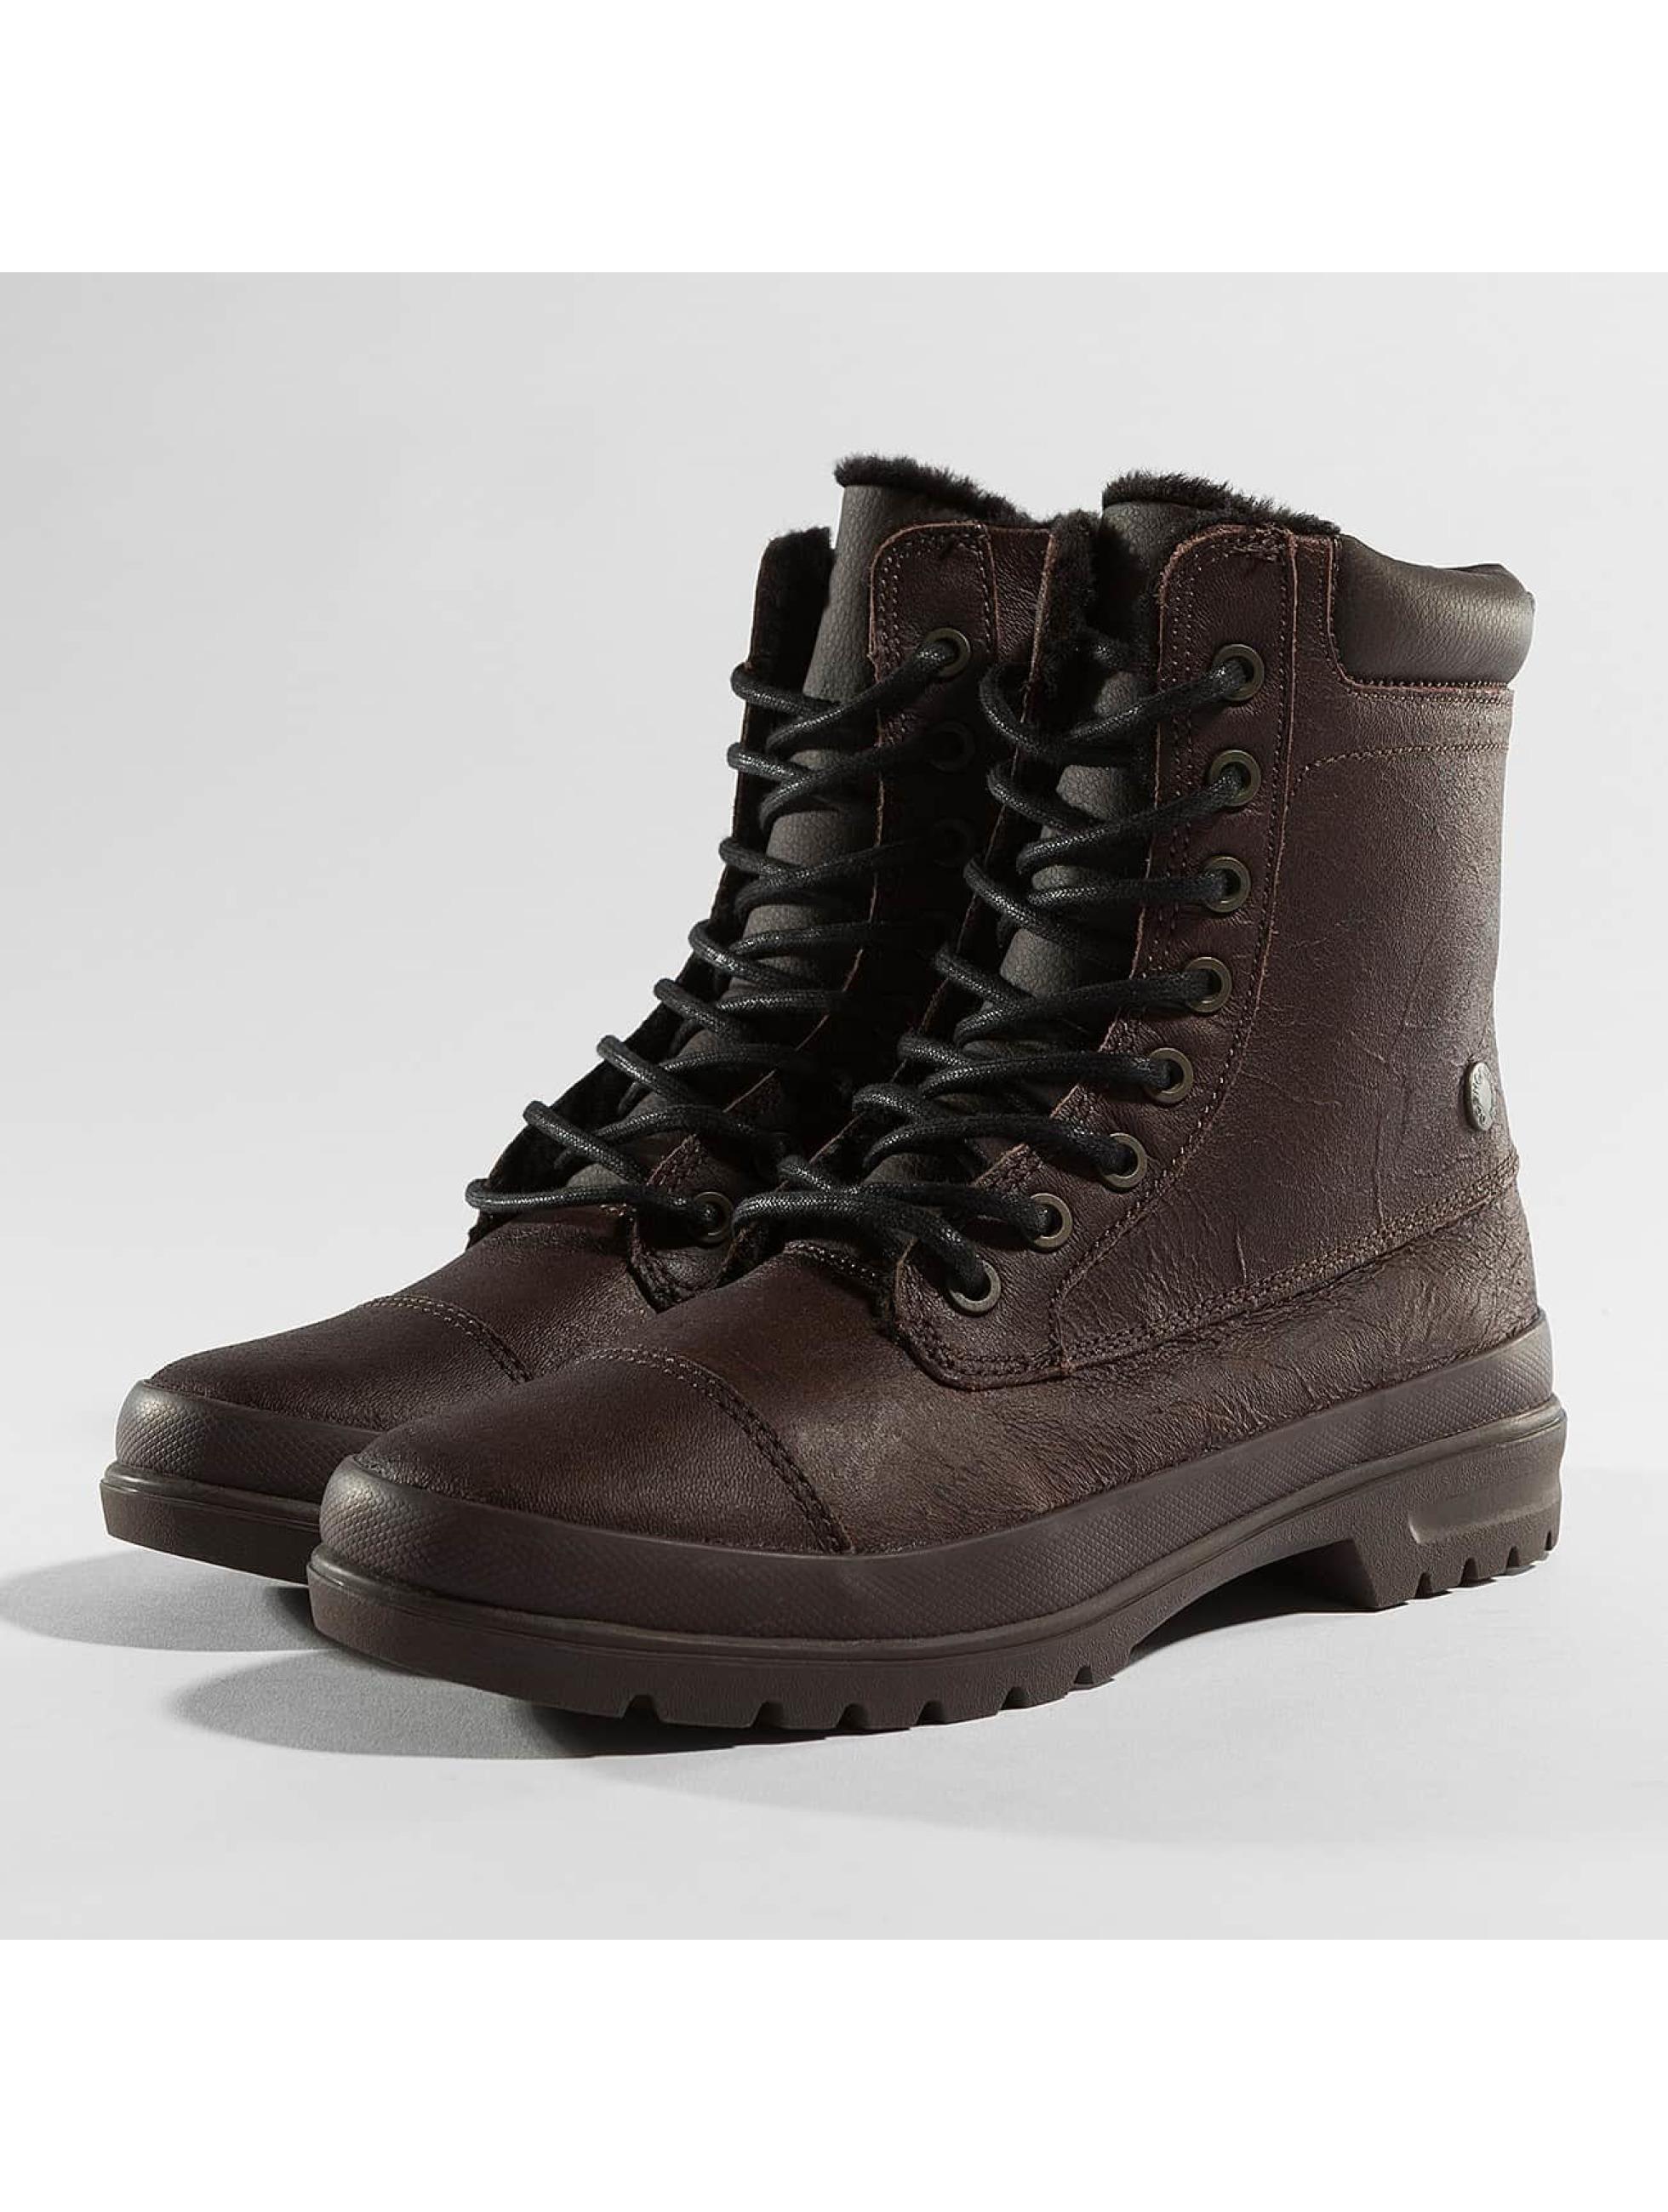 DC Frauen Boots Amnesti in braun